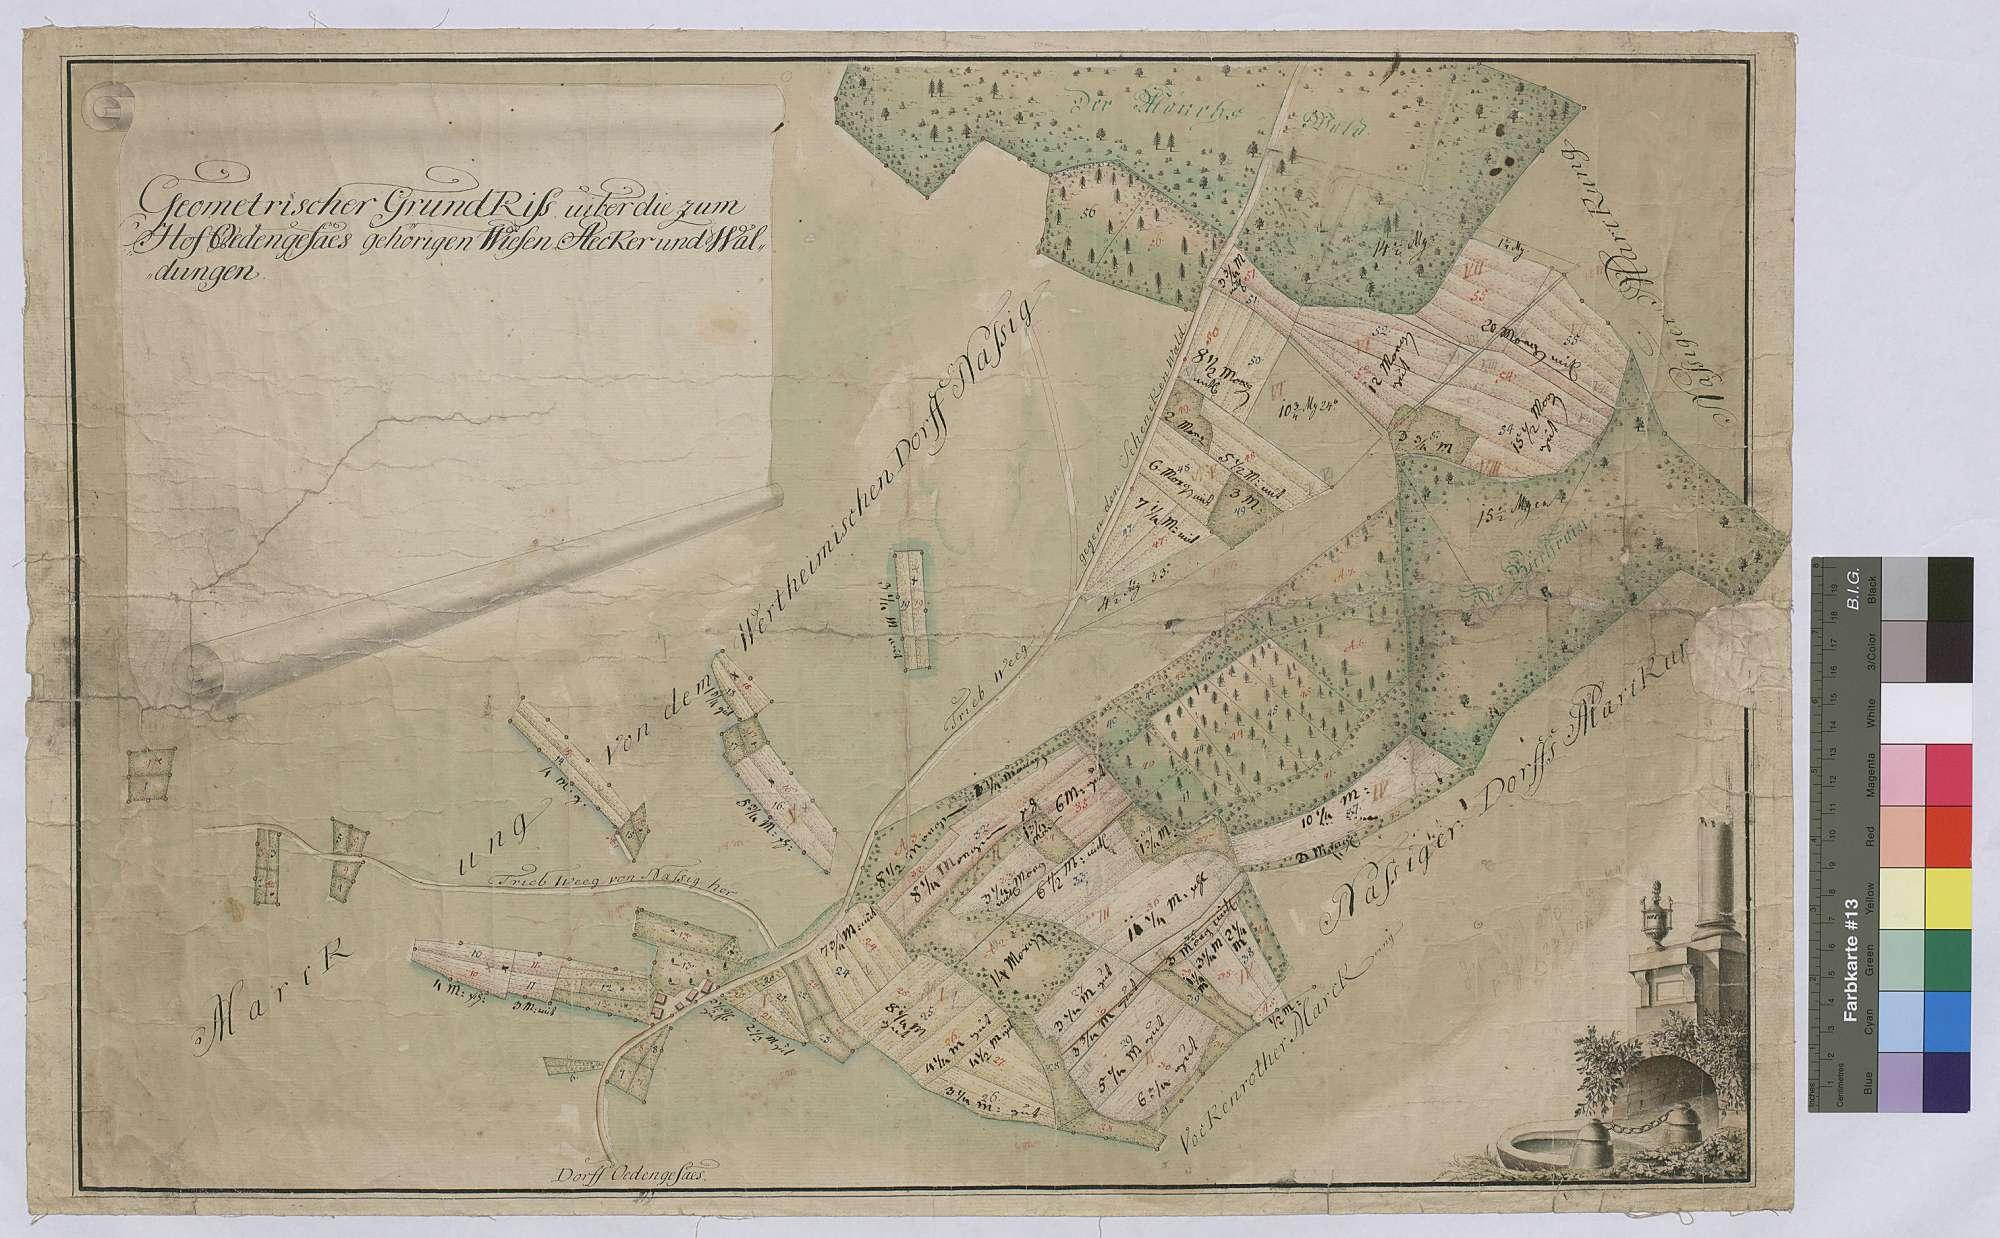 Geometrischer Grundriss über die zum Hofgut Ödengesäß gehörigen Wiesen, Äcker und Waldungen (Inselkarte), Bild 1